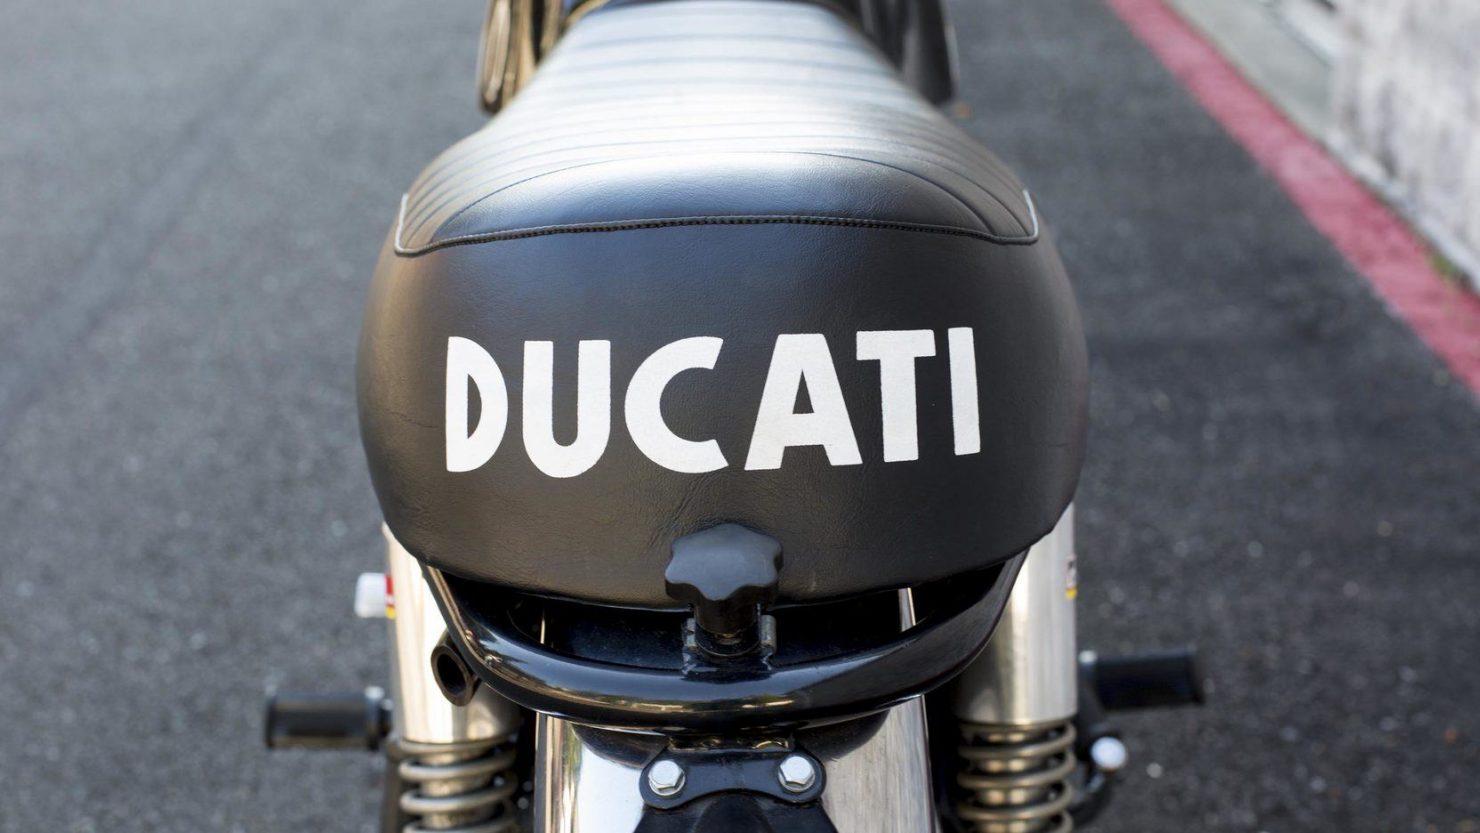 ducati 750gt 11 1480x833 - Original Sandcast 1971 Ducati 750 GT